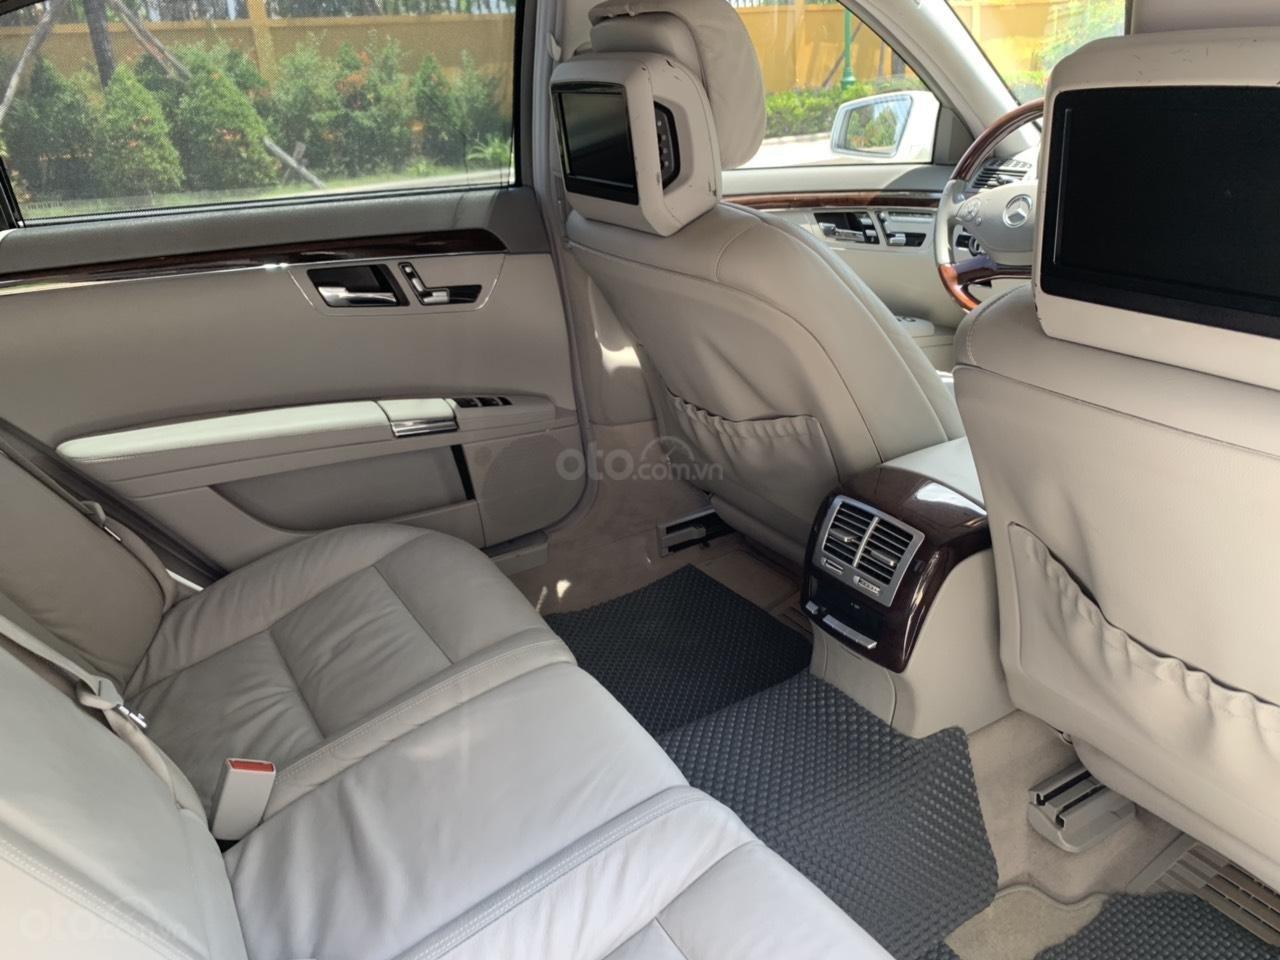 Mercedes S400 Hybrid 2012 nhập khẩu màu trắng, nội thất kem-12